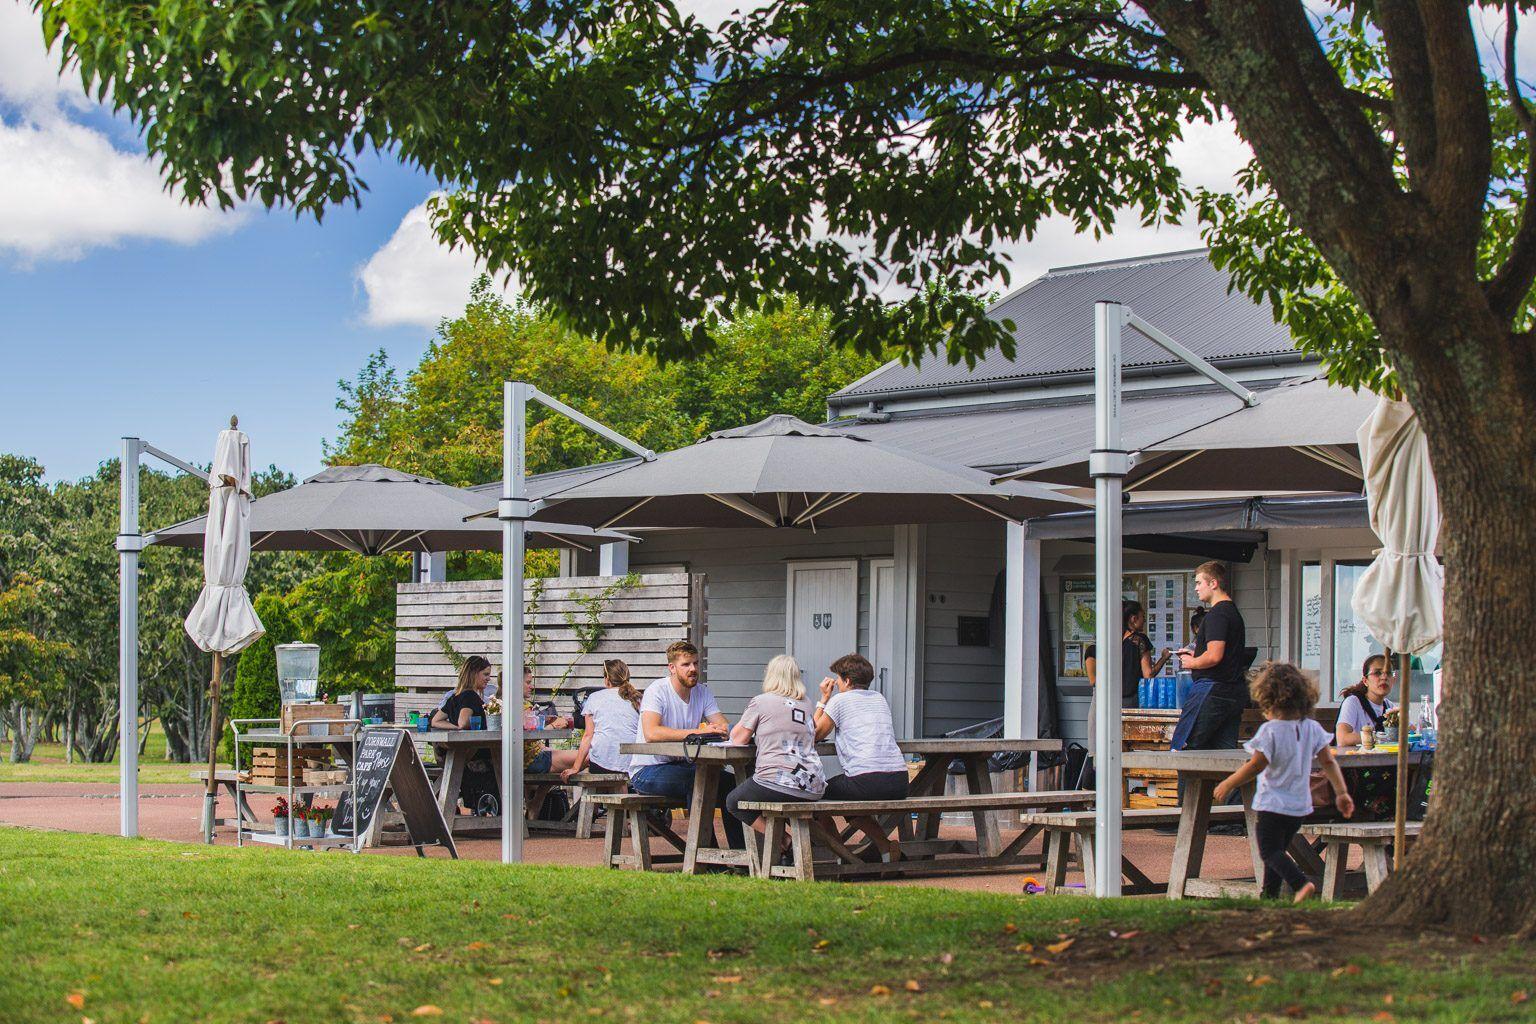 Cornwall Park Cafe Riviera Cantilever Umbrellas